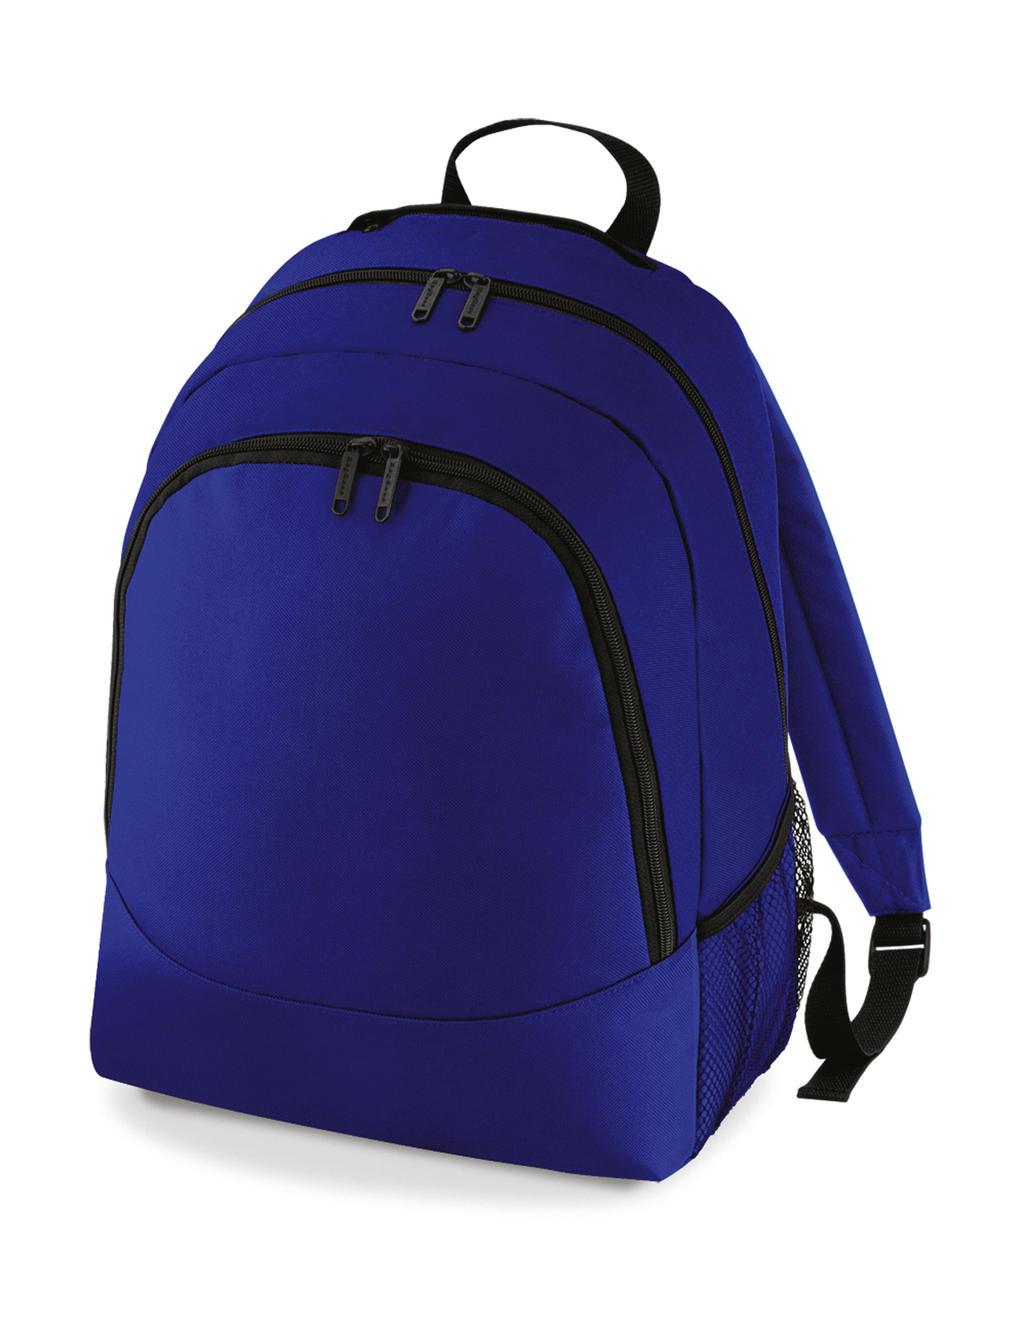 Σακίδιο πλάτης Bag Base BG212 - Bright Royal 0aff35c32fe